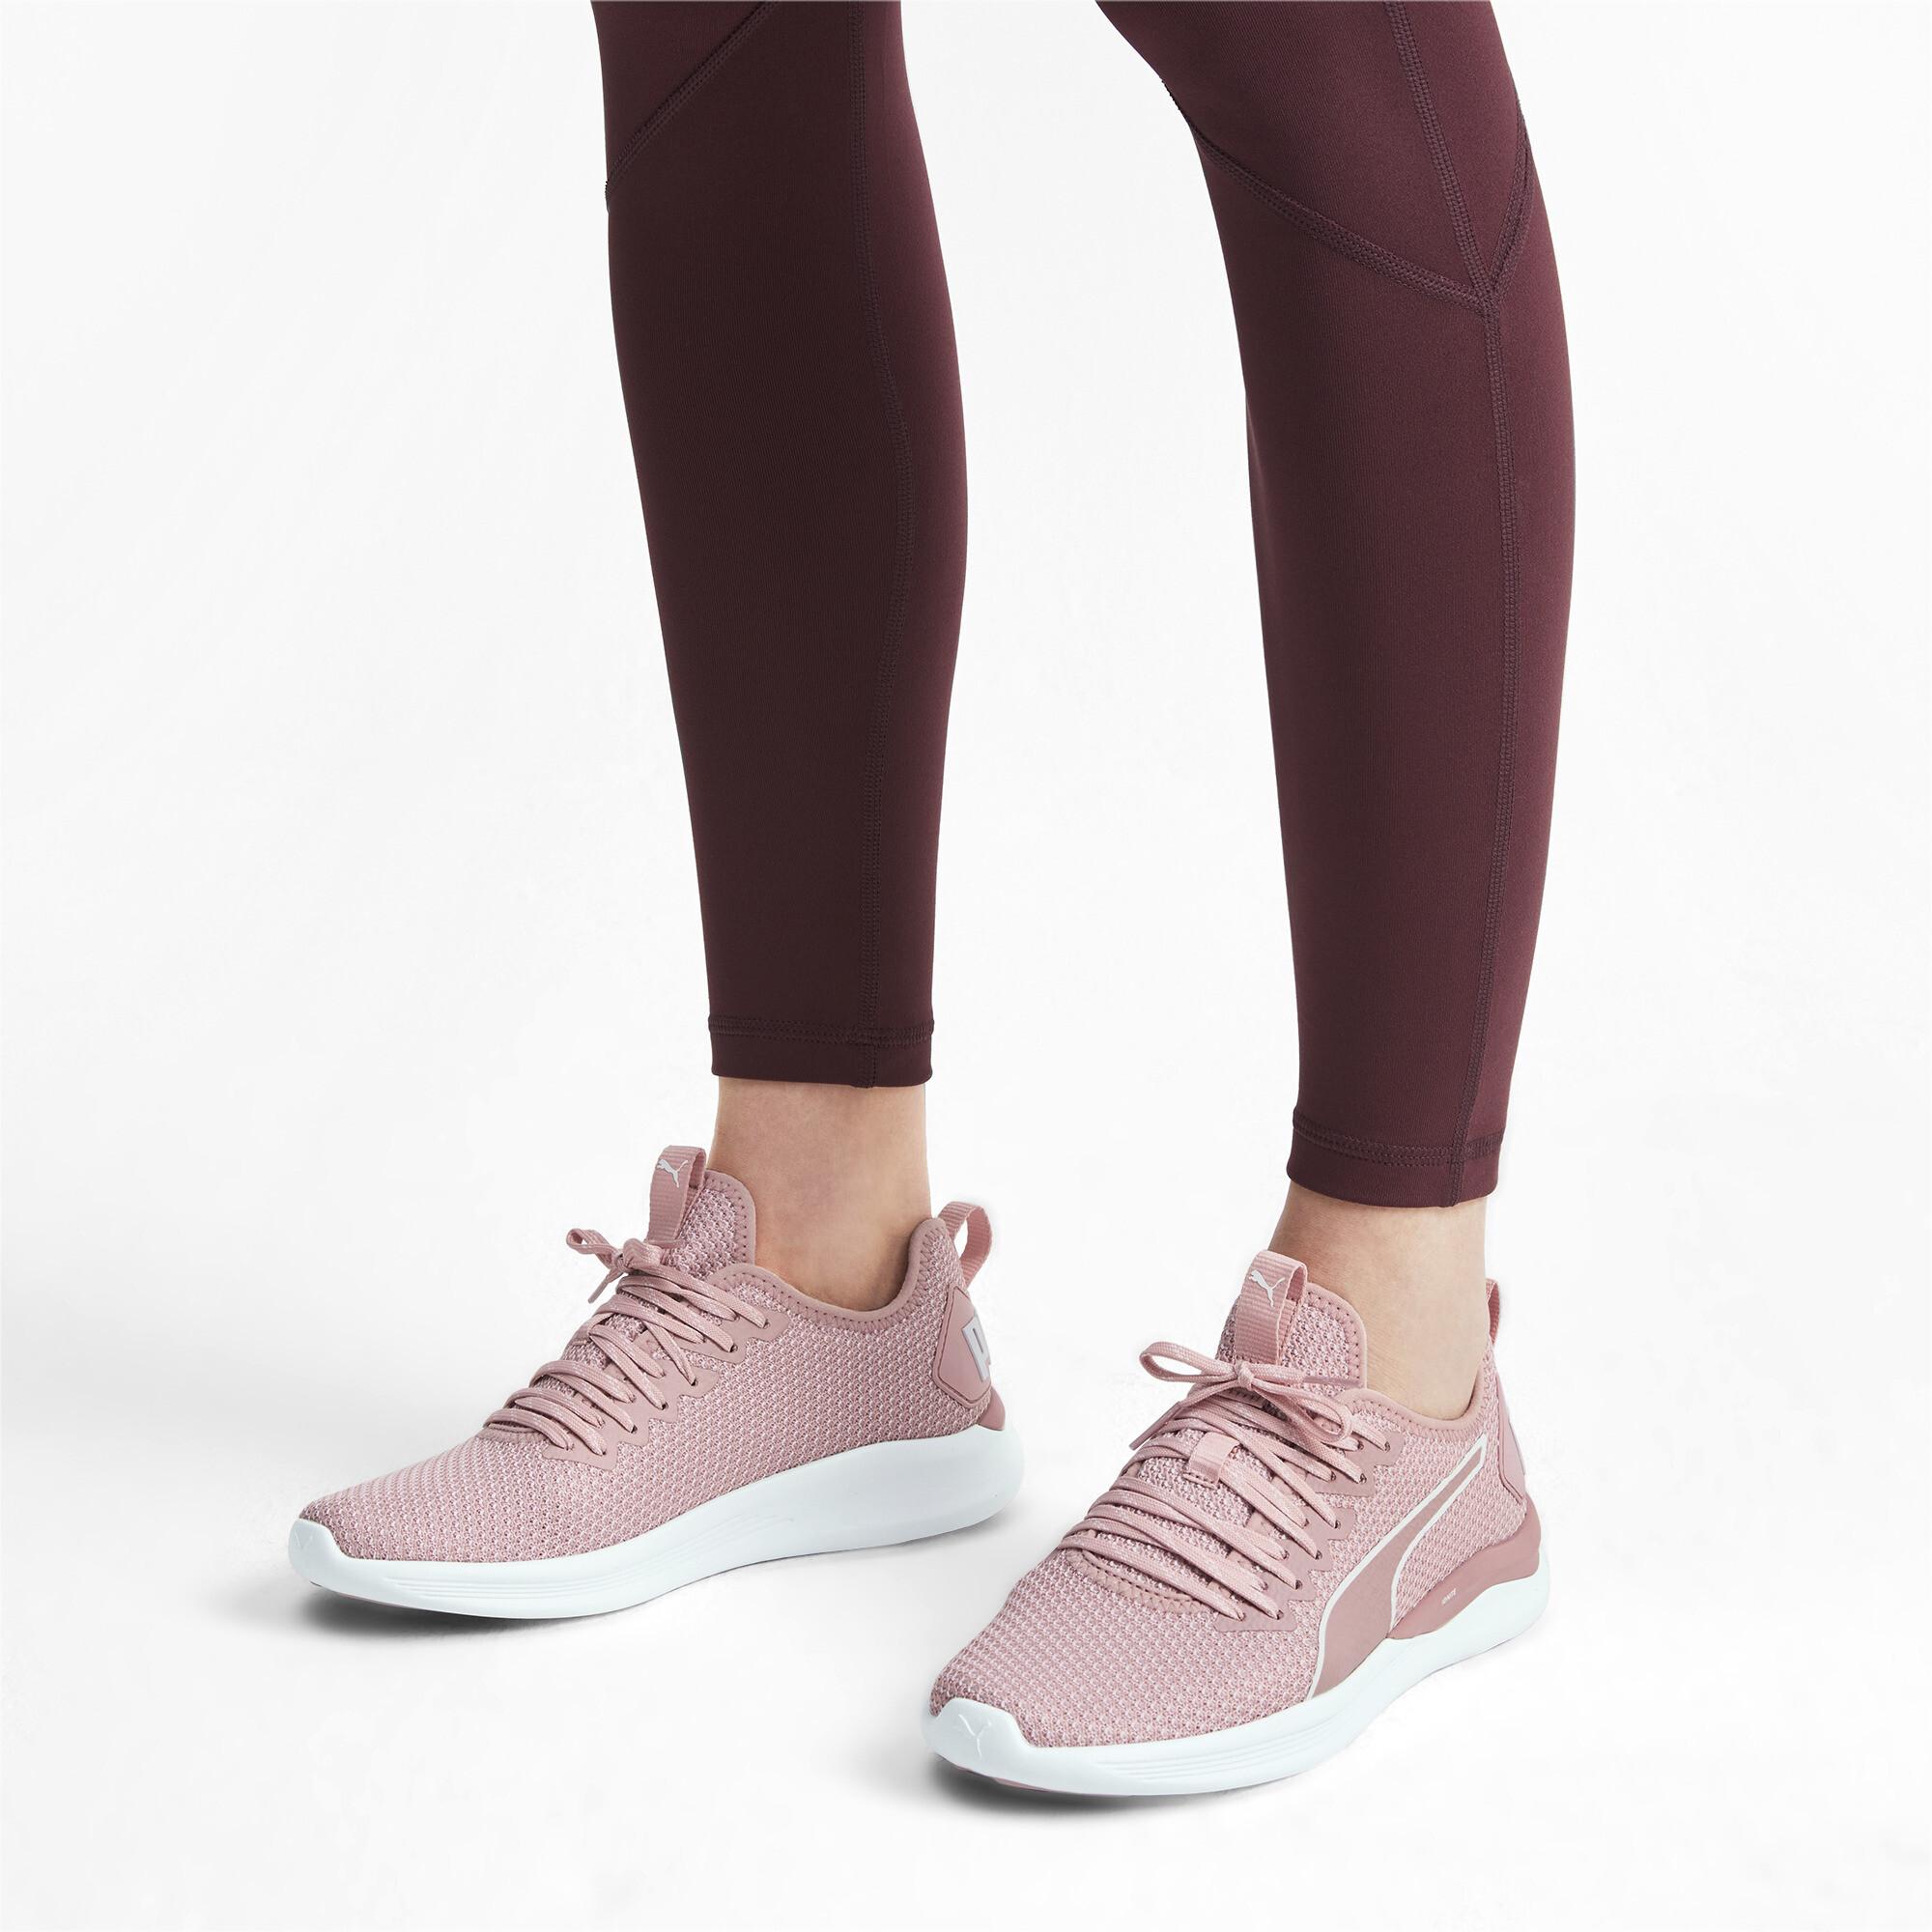 PUMA-IGNITE-Flash-Women-s-Training-Shoes-Women-Shoe-Running thumbnail 5